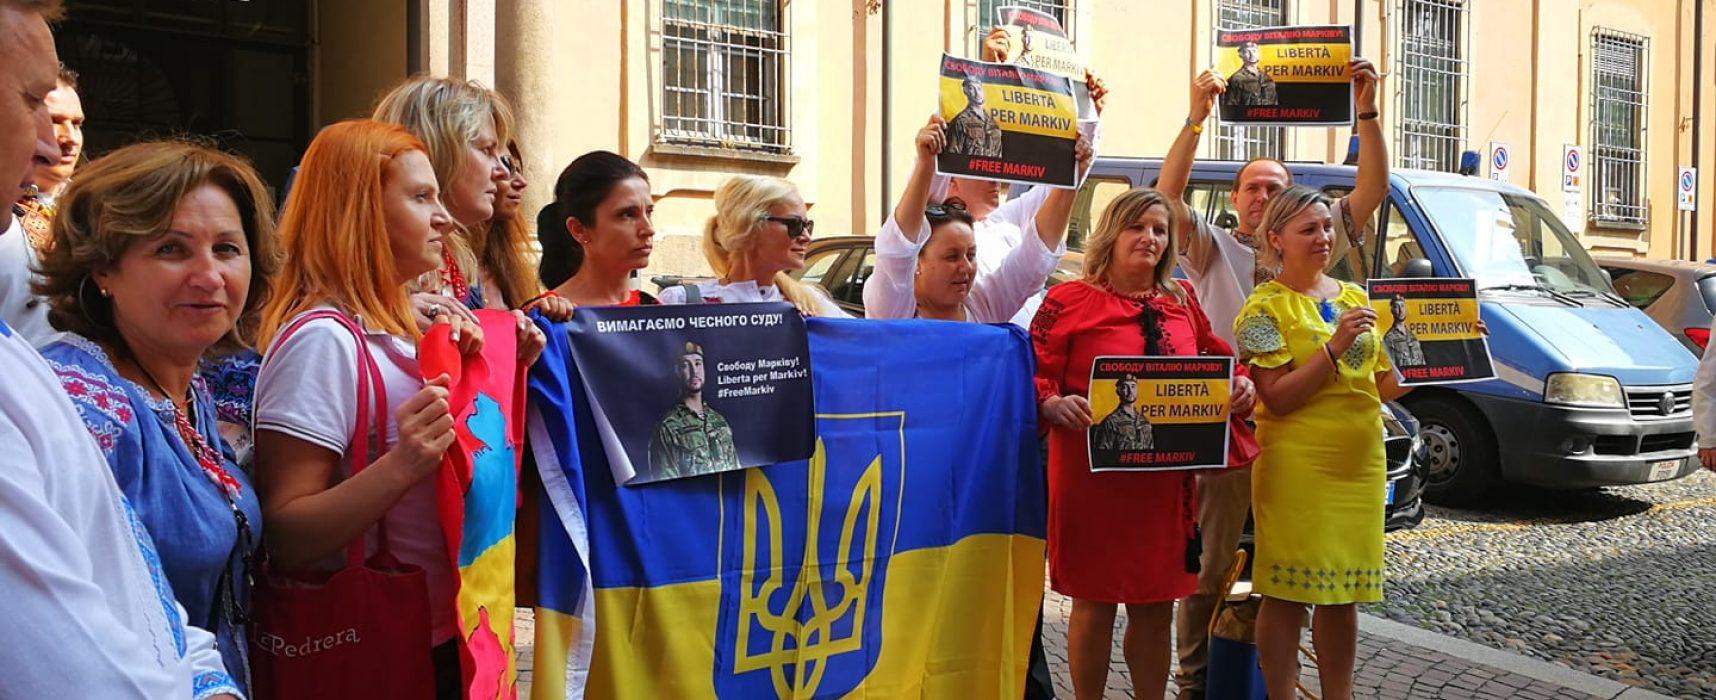 Pavia : insulti razzisti verso la comunità ucraina al processo Rocchelli